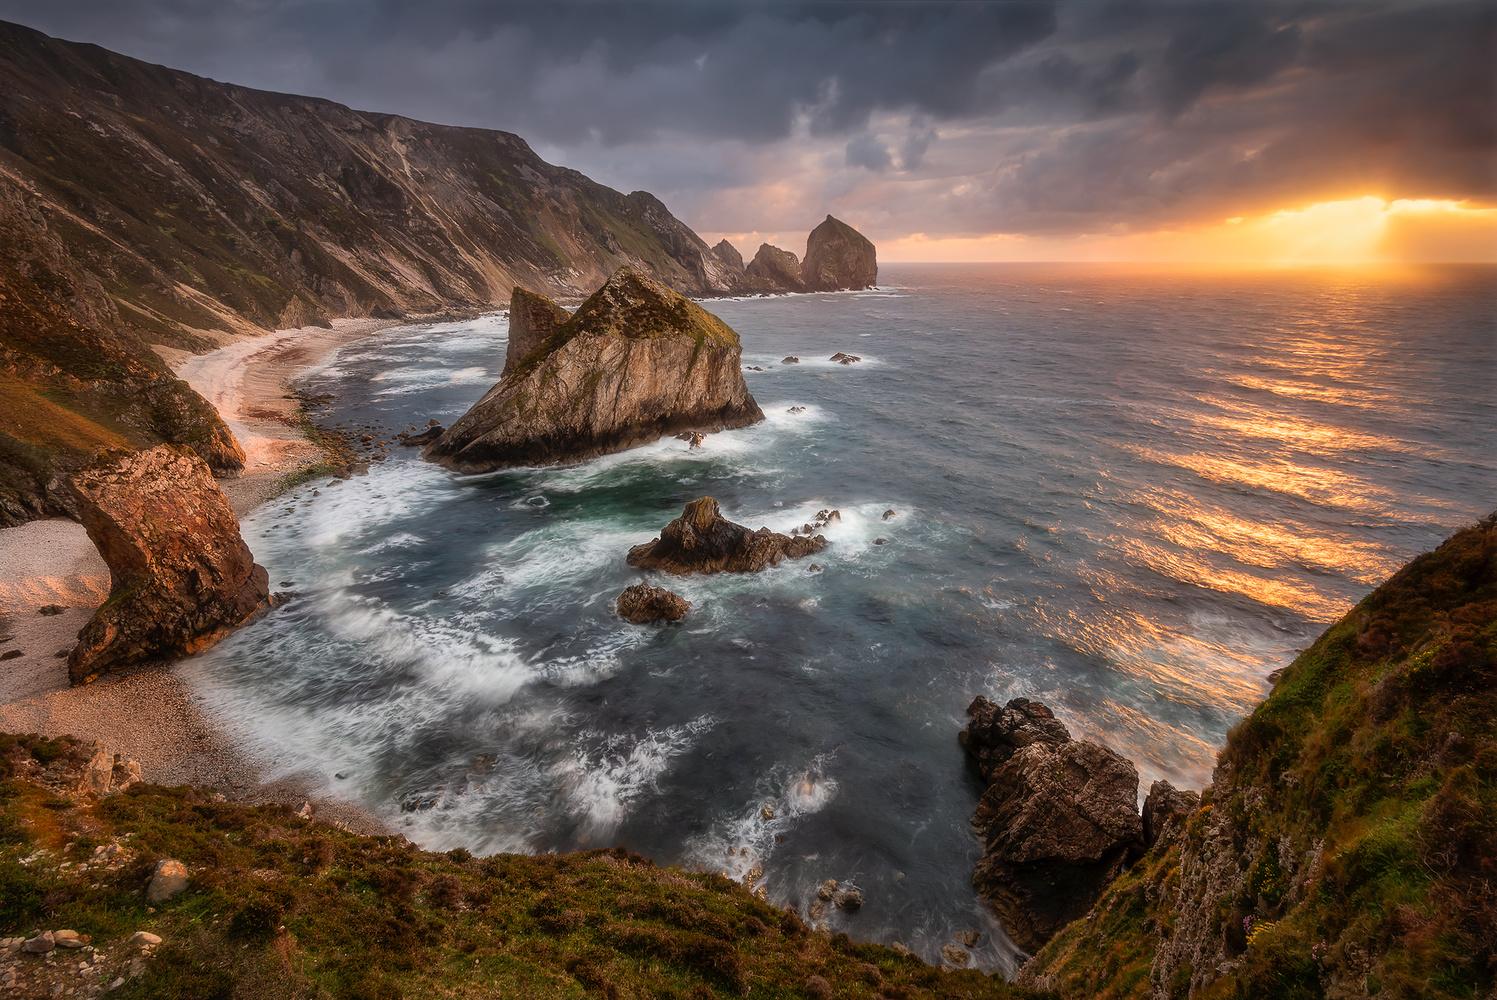 Storm Bay by Pawel Zygmunt